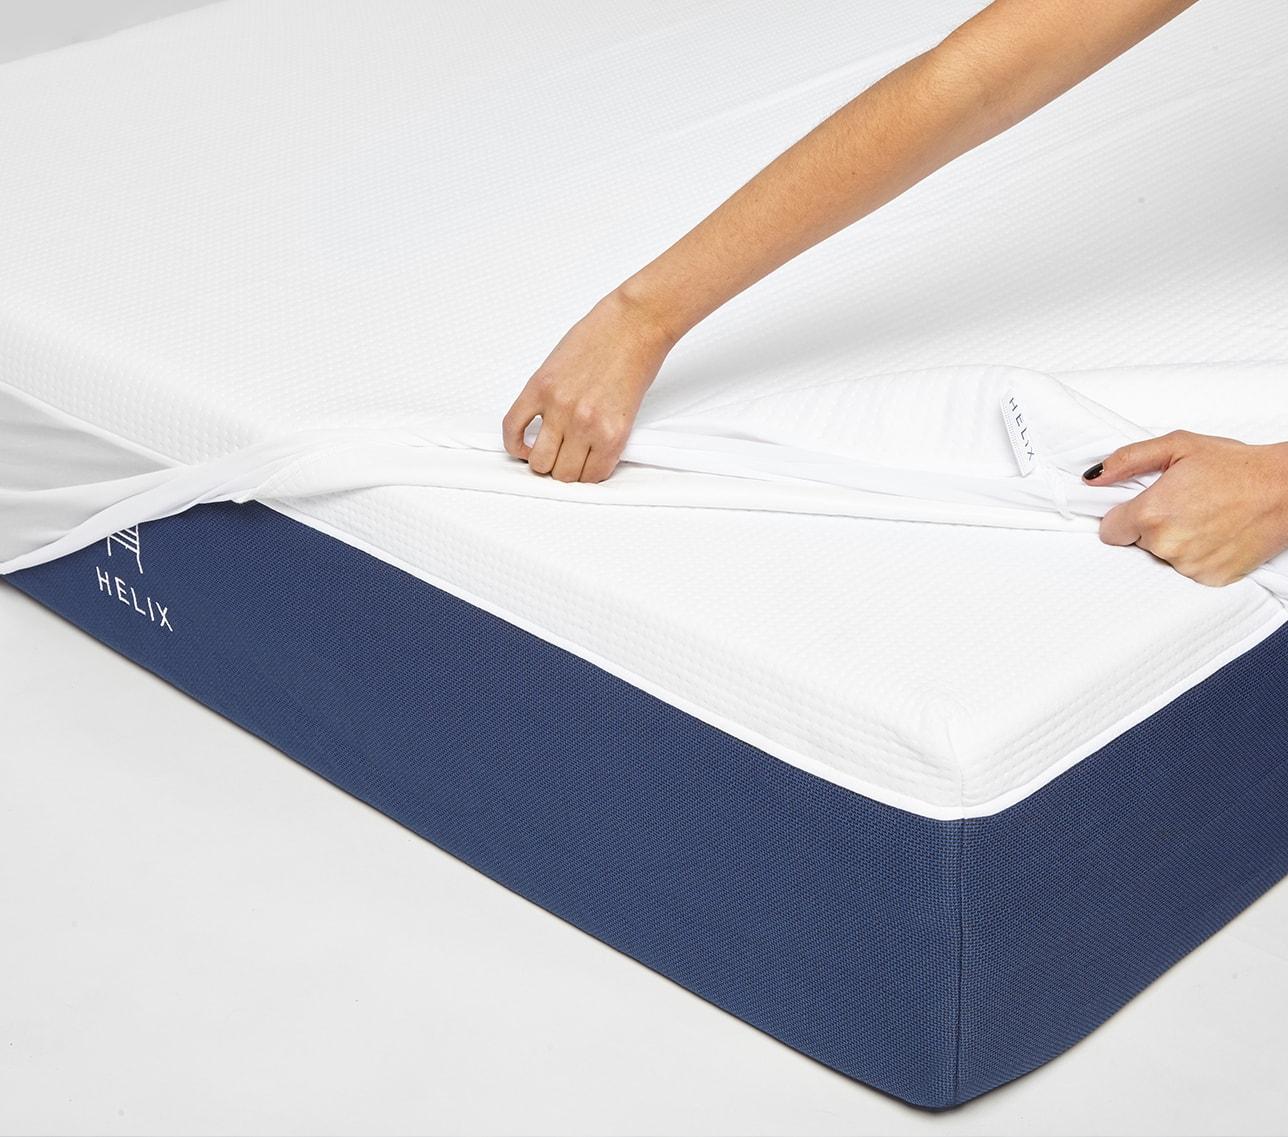 helix mattress sleeping cool